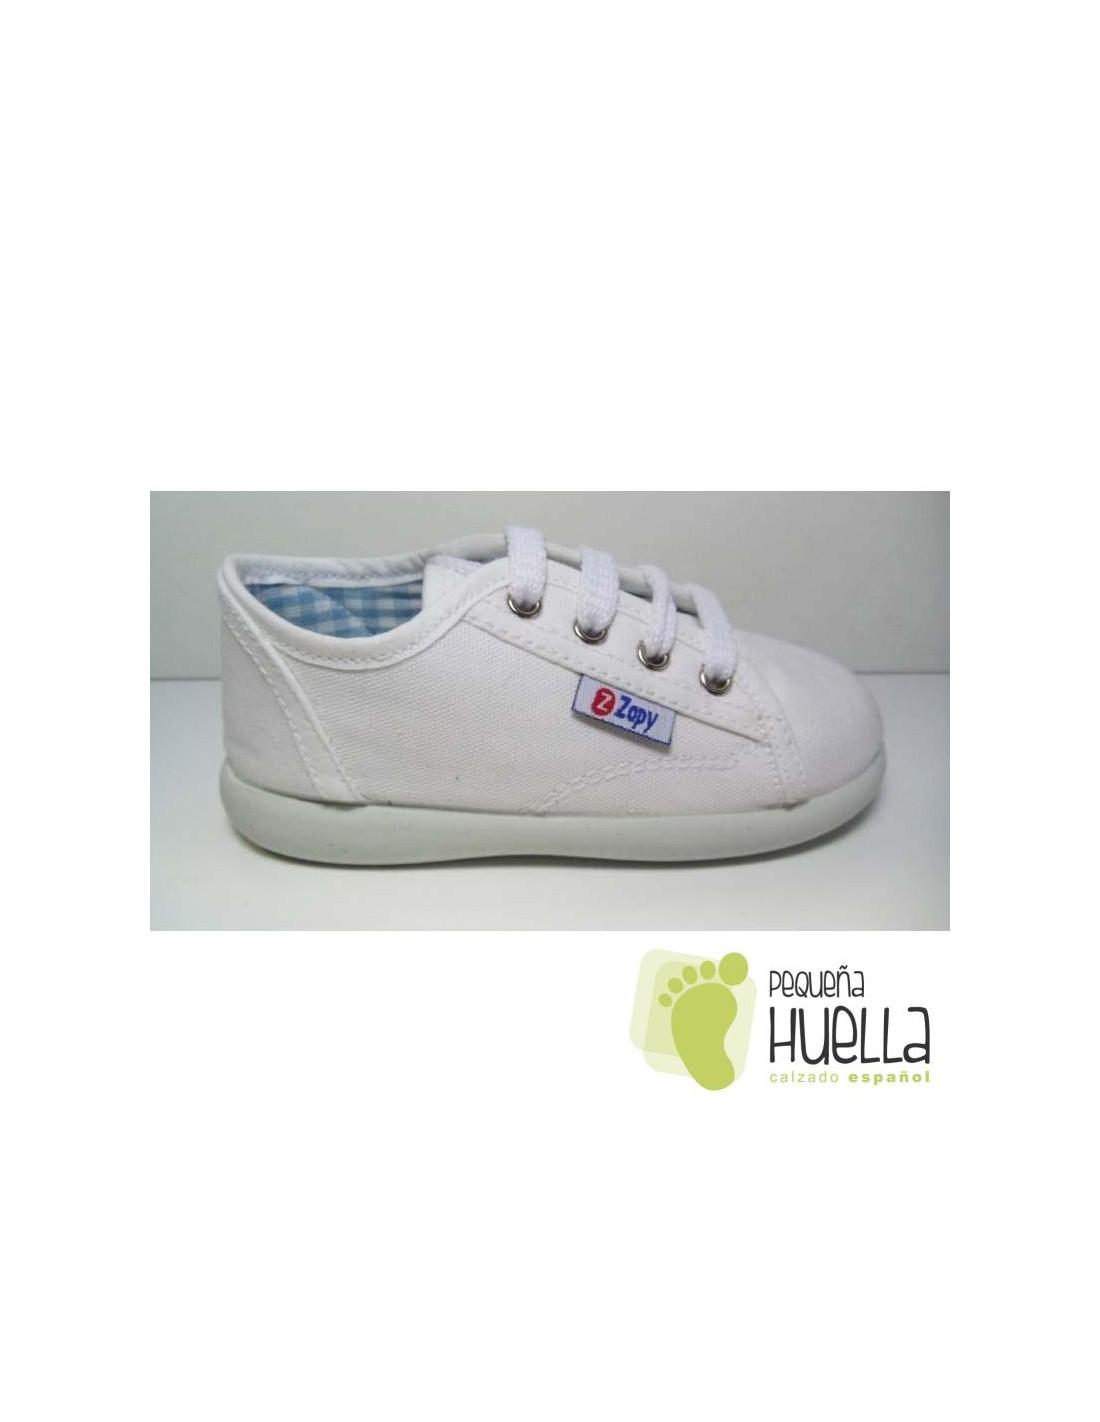 1ed8e6f97 ... Zapatillas lona rosa playeras bambas blancas para niños y niñas con  cordones ZAPY baratas en las ...